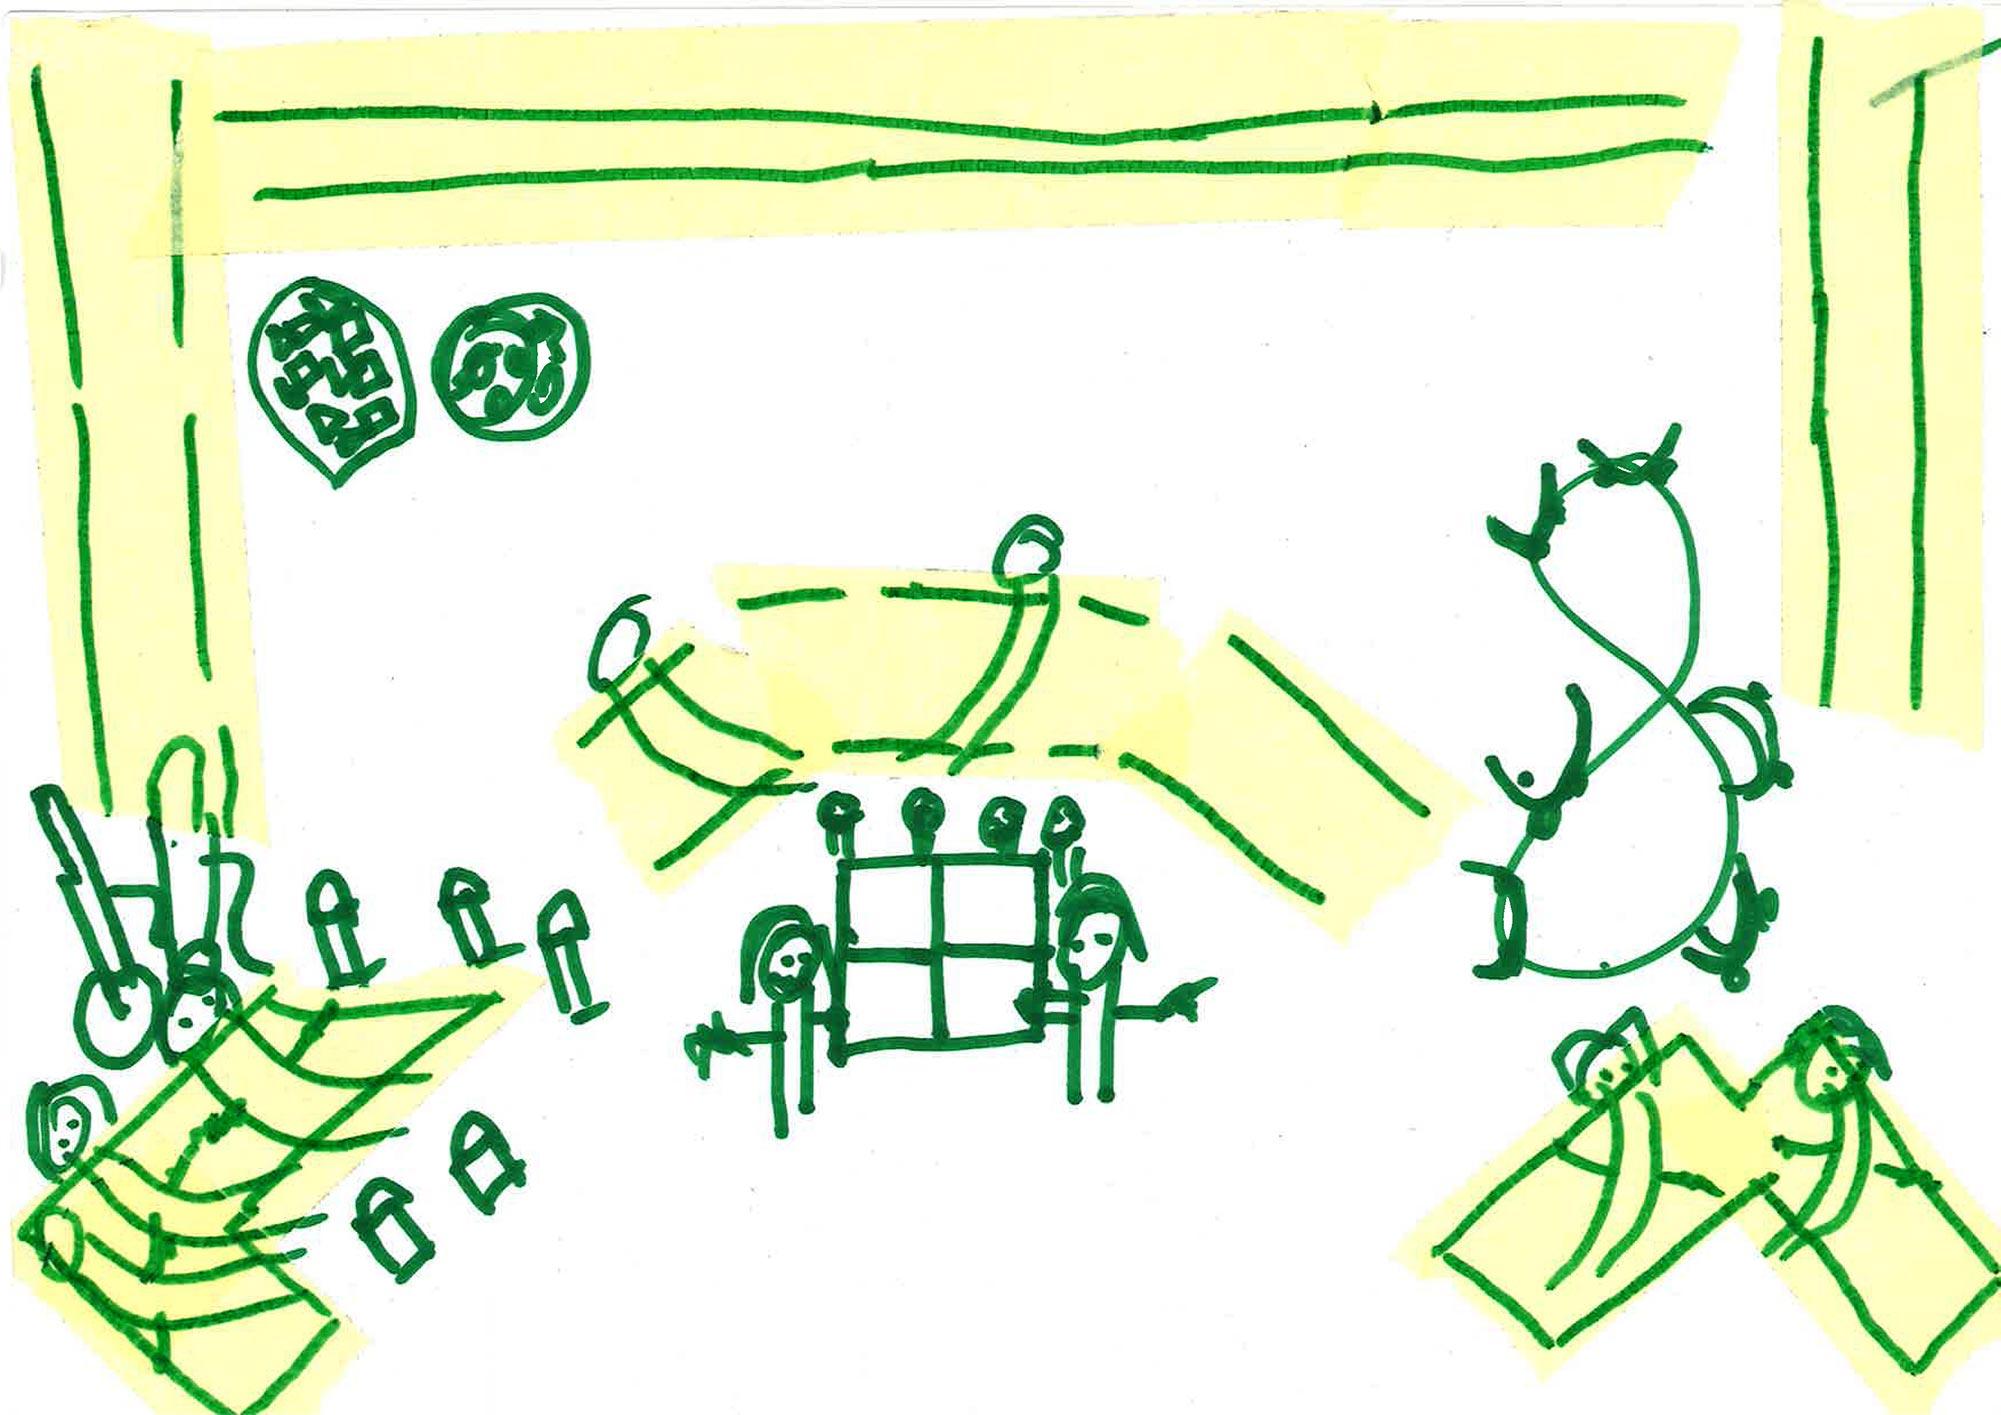 Eine Illustration zu den Proben von Freie Republik Hora